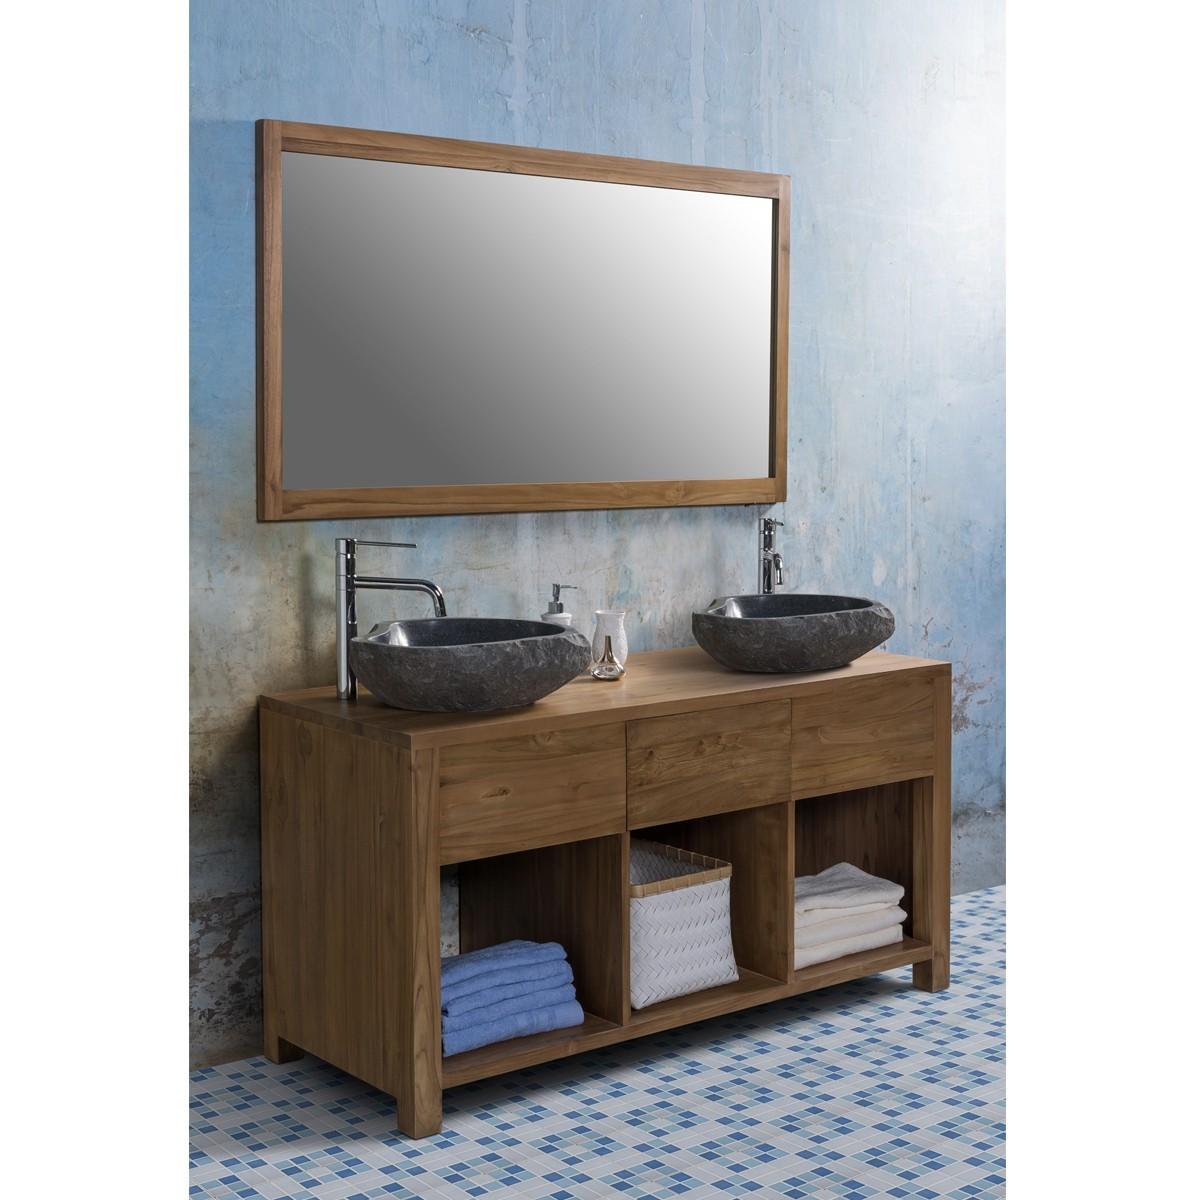 Ensemble de salle de bain en bois de teck 145 2 vasques for Miroir salle de bain en bois